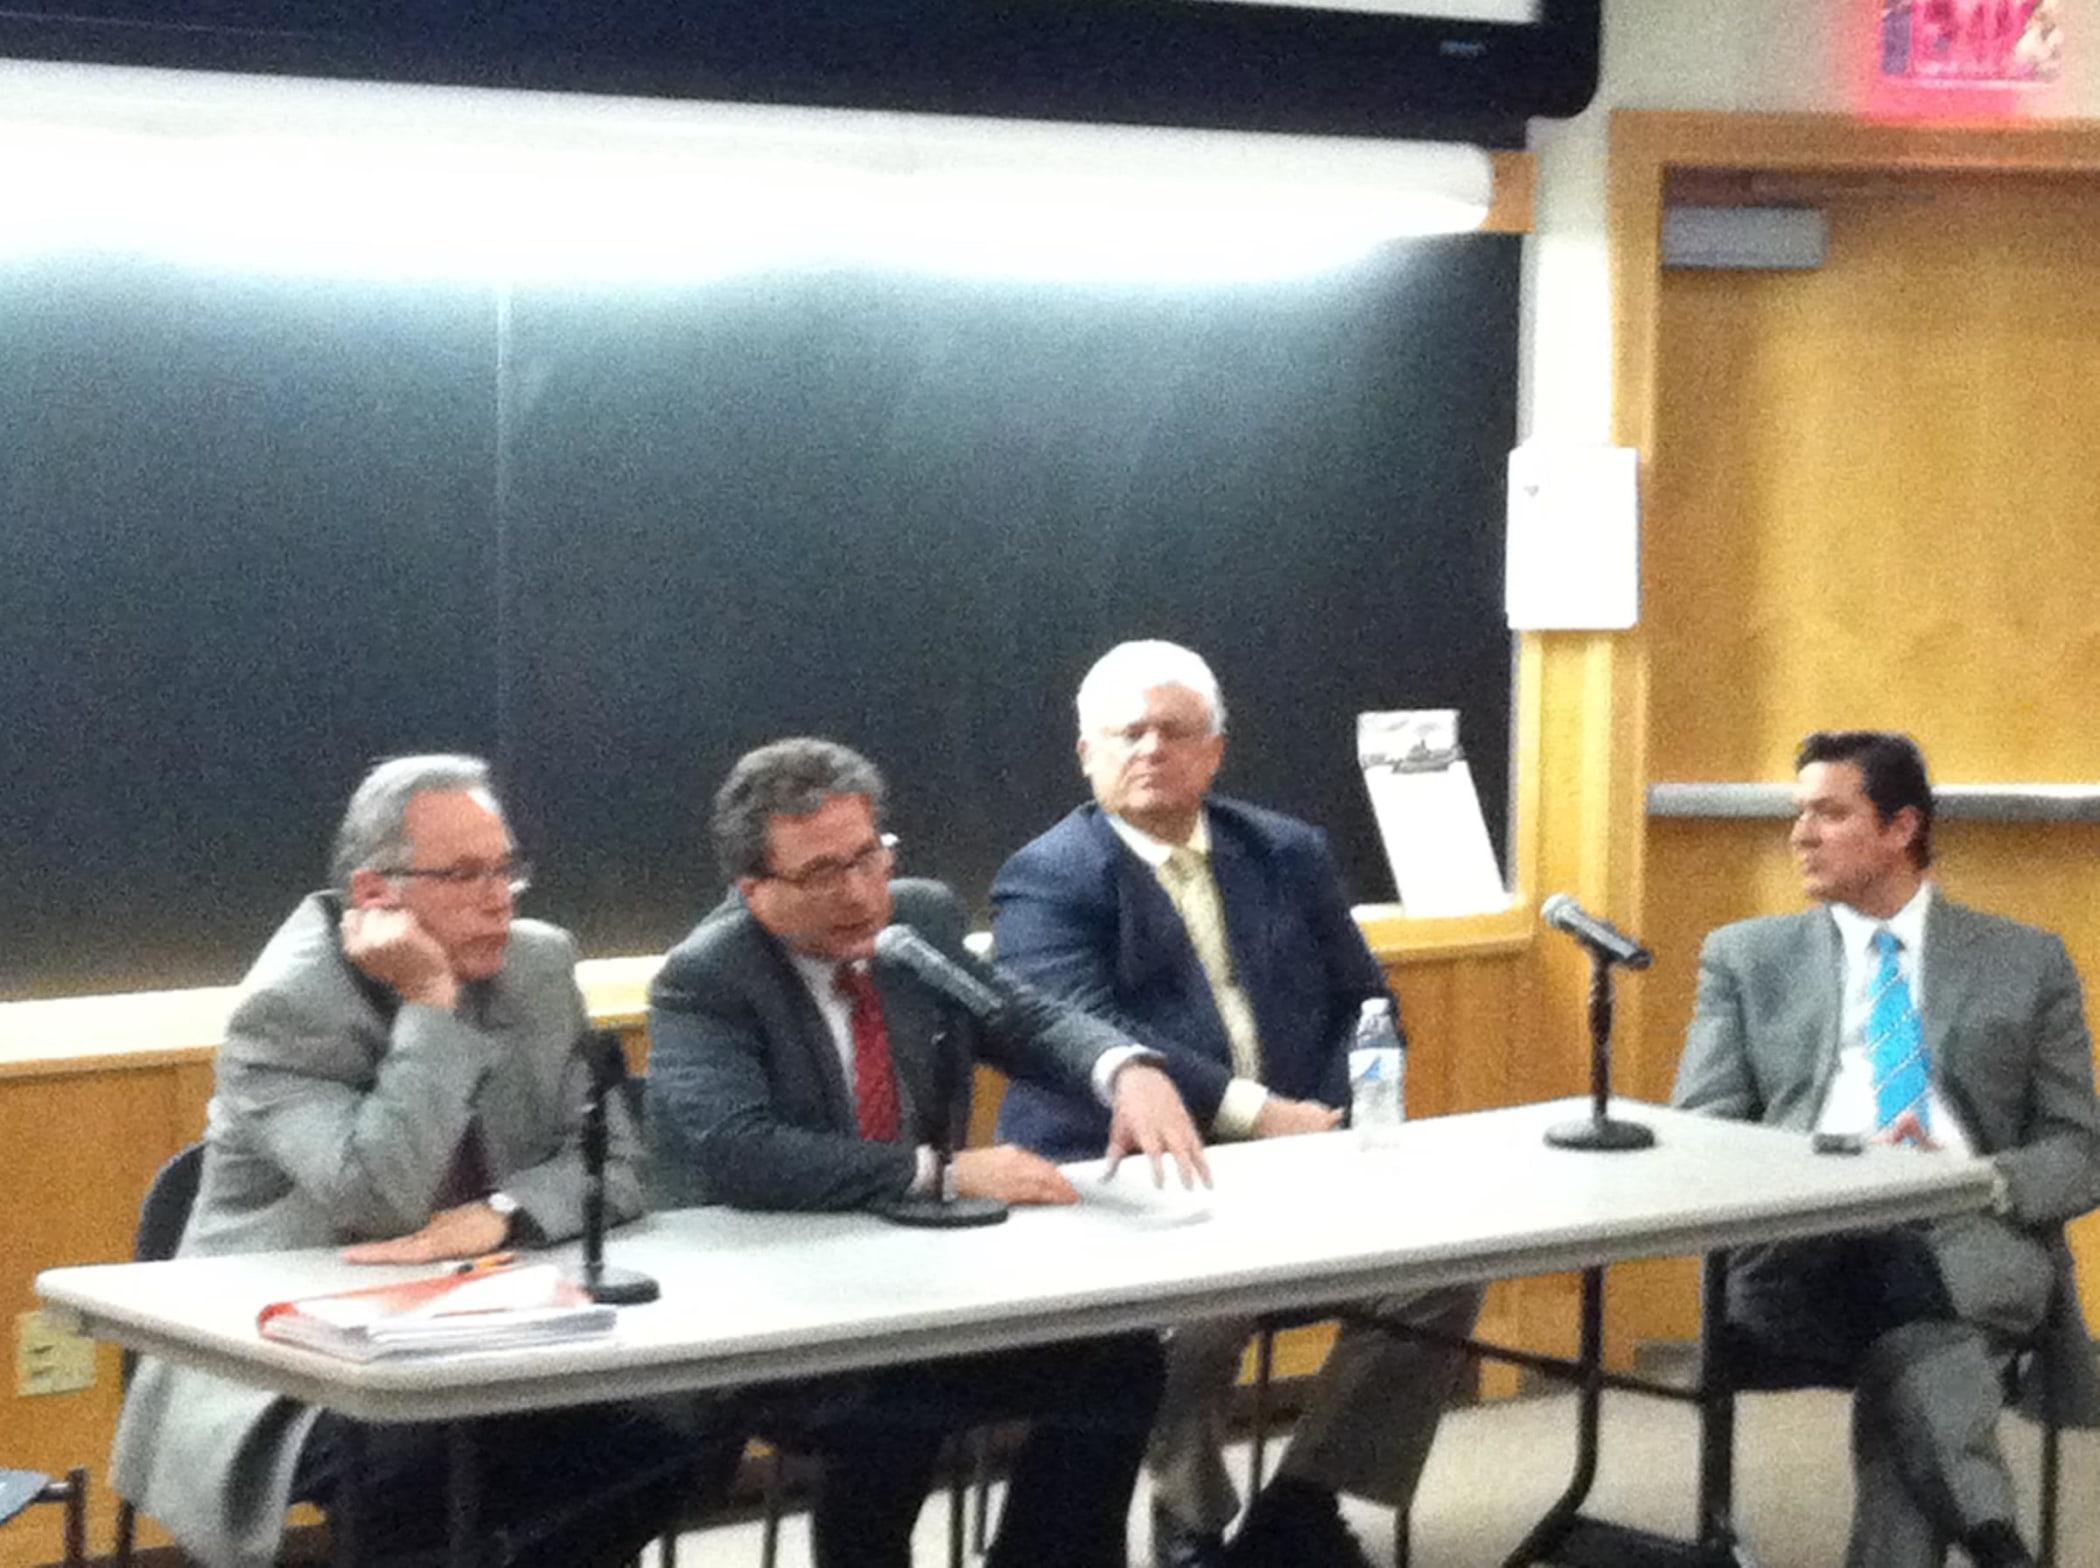 Transplant Surgery & Marijuana Use Medical Ethics Symposium, April 30, 2013